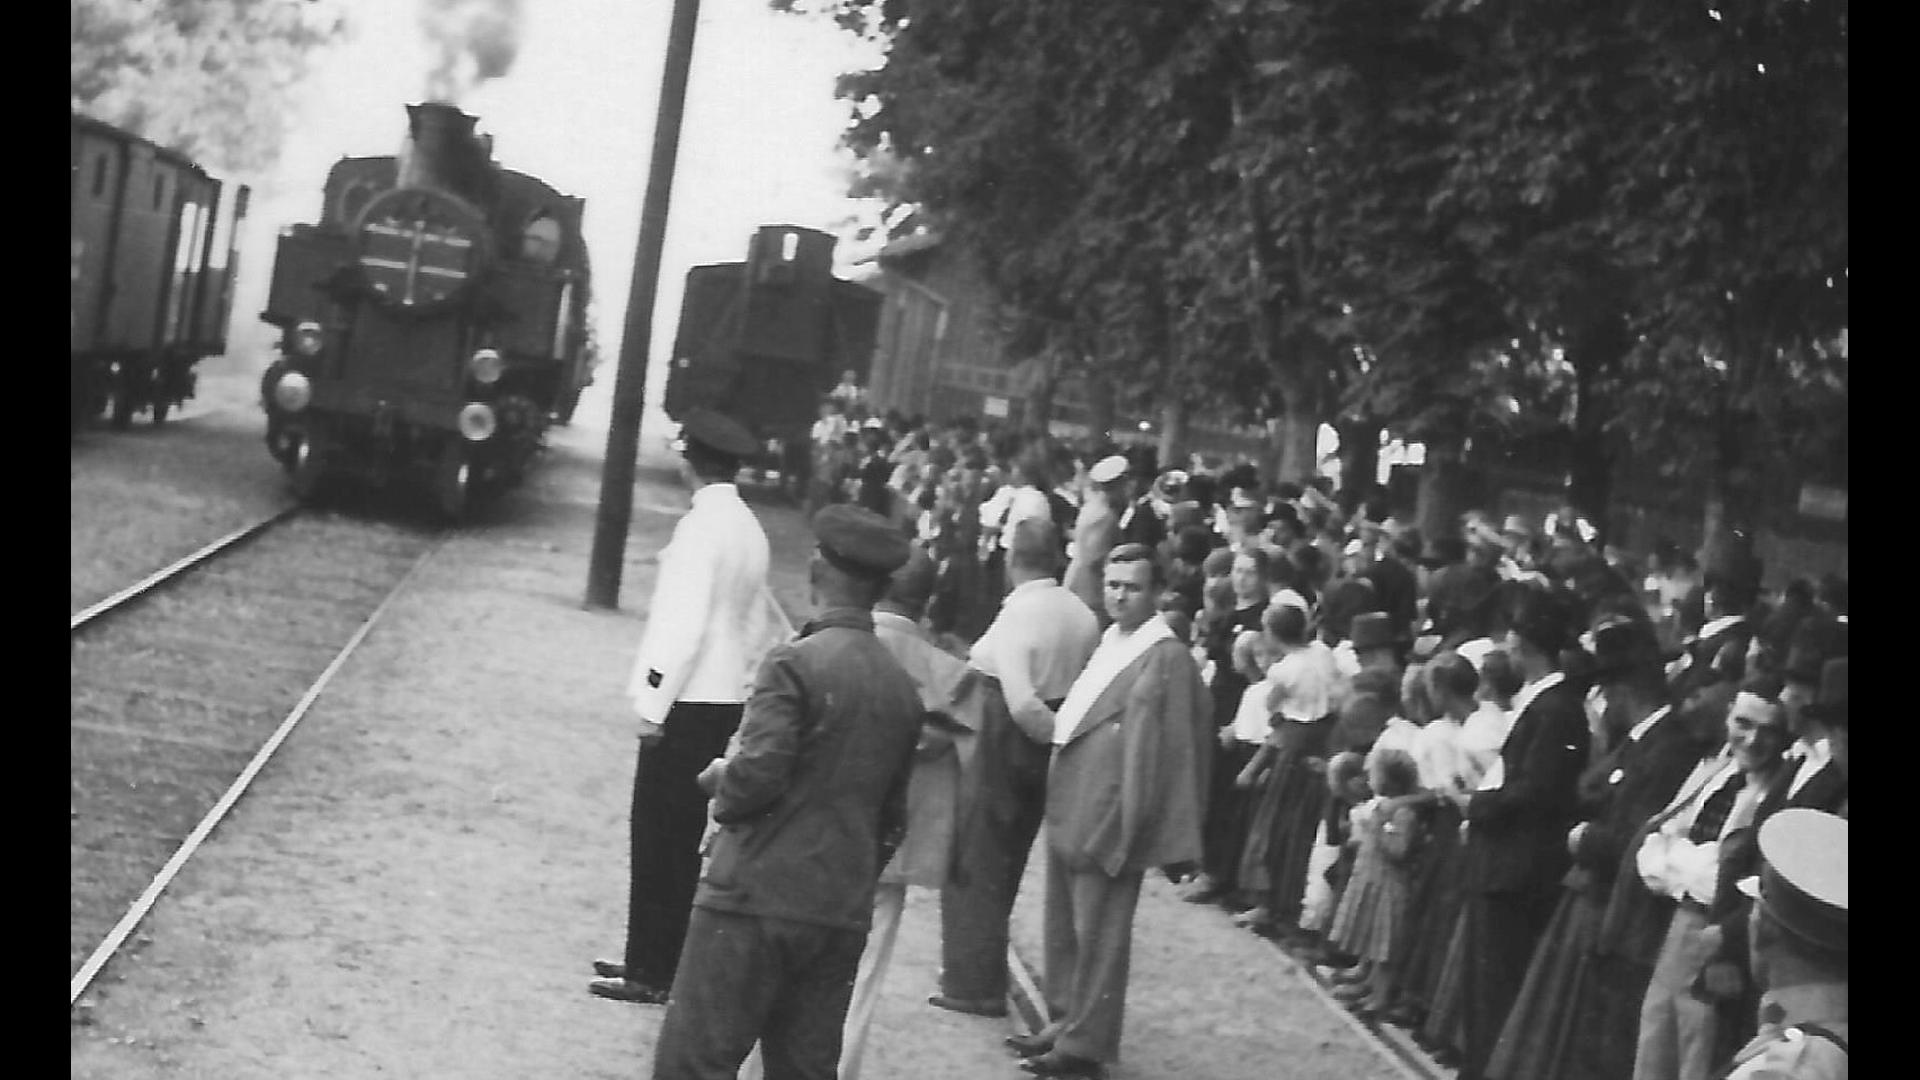 Empfang der Festgäste am Bahnhof